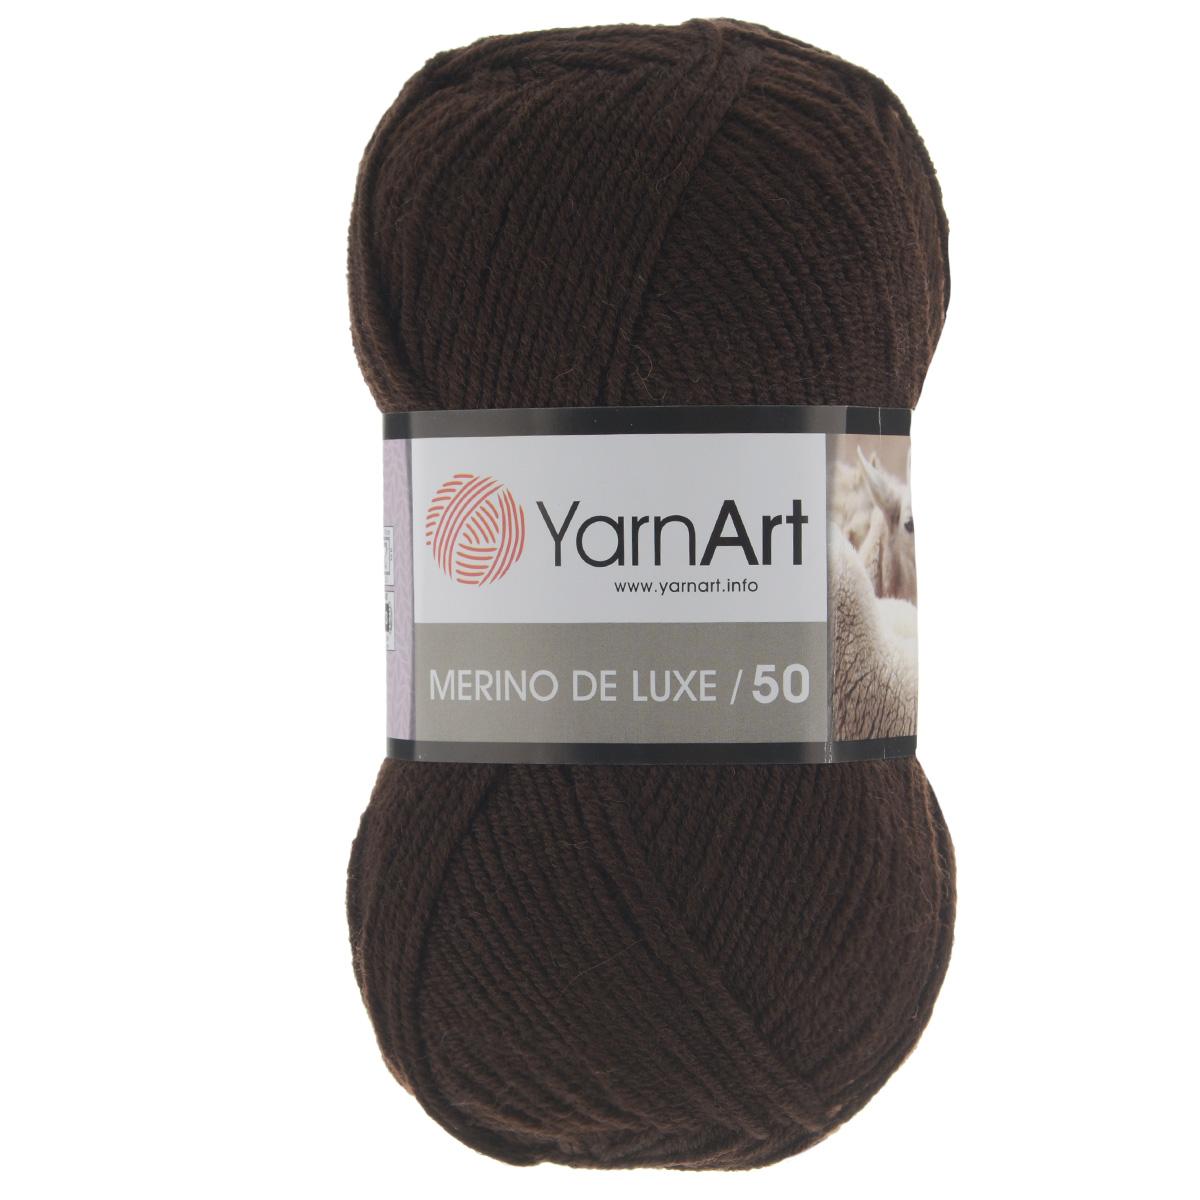 Пряжа для вязания YarnArt Merino de Lux, цвет: шоколад (116), 280 м, 100 г, 5 шт372049_116Классическая пряжа для вязания YarnArt  Merino de Lux изготовлена из шерсти и акрила. Пряжа очень мягкая и приятная на ощупь. Теплая, уютная, эта пряжа идеально подходит для вязки демисезонных вещей. Шапочки, шарфы, снуды, свитера, жилеты вяжутся из этой пряжи быстро и легко. Изделия приятны в носке и долго не теряют форму после ручной стирки. Рекомендуются спицы 3,5 мм, крючок 4 мм. Состав: 49% шерсть, 51% акрил.